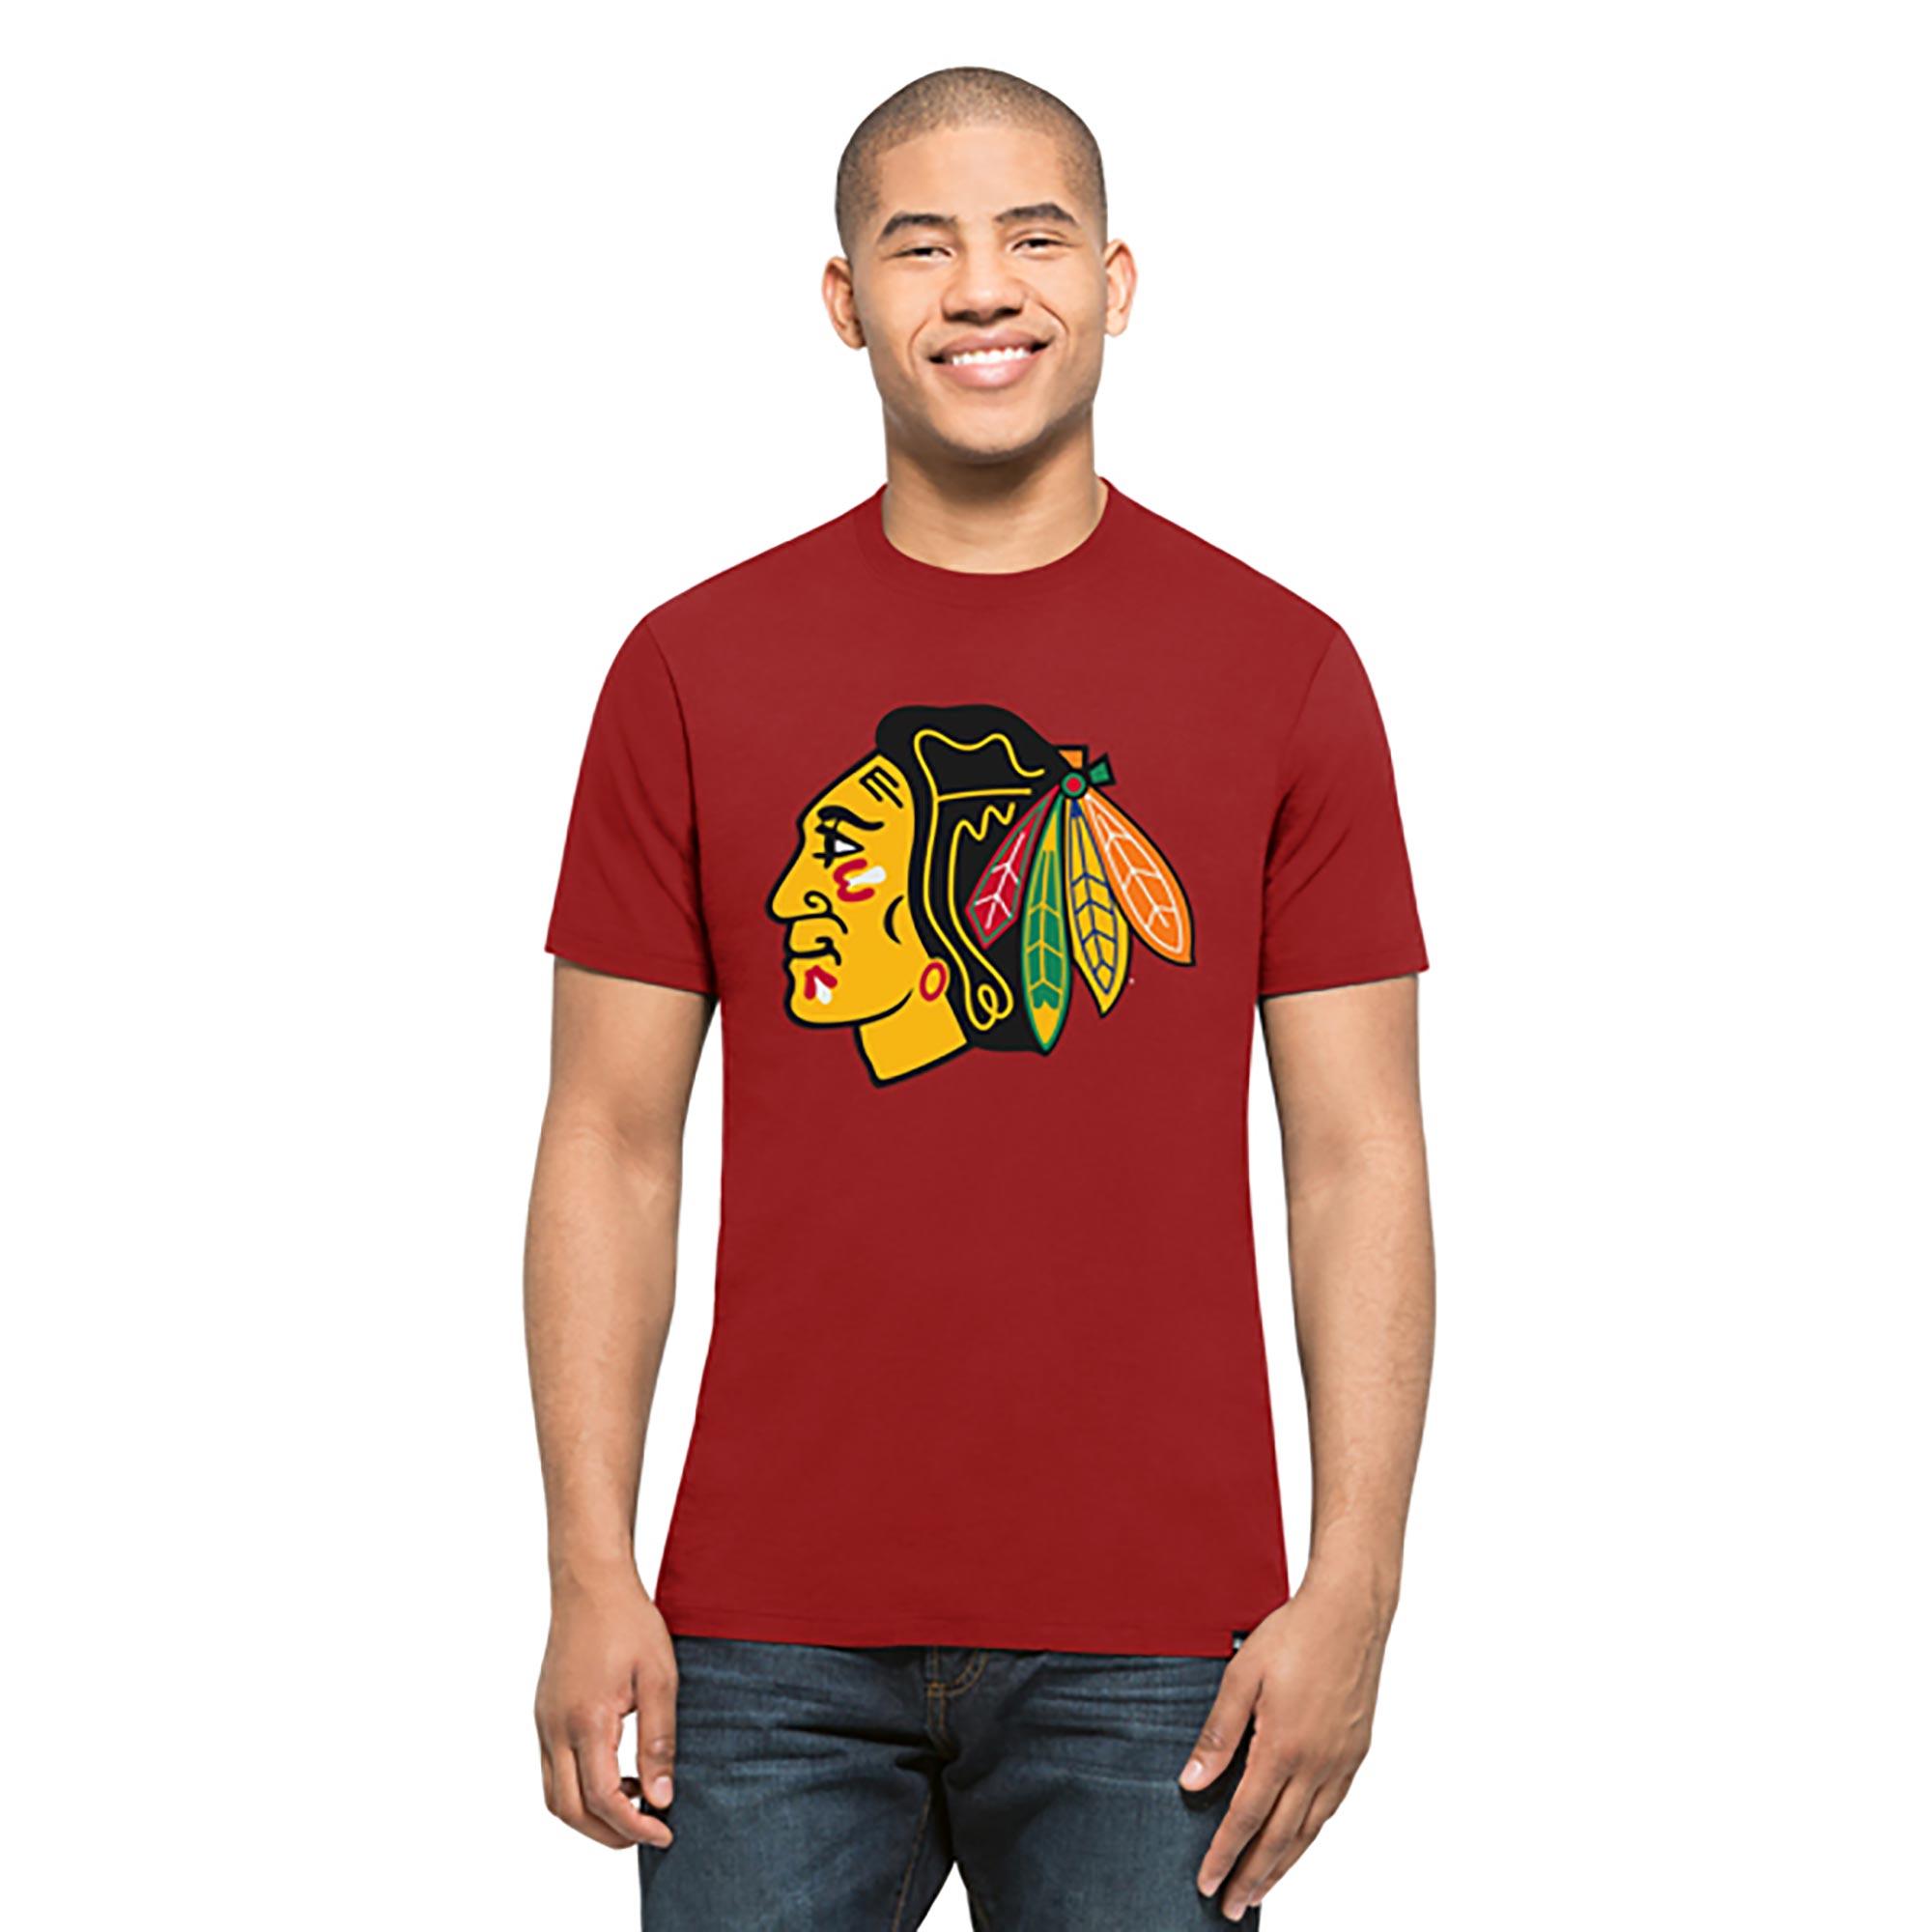 Chicago Blackhawks Splitter T-Shirt - Mens